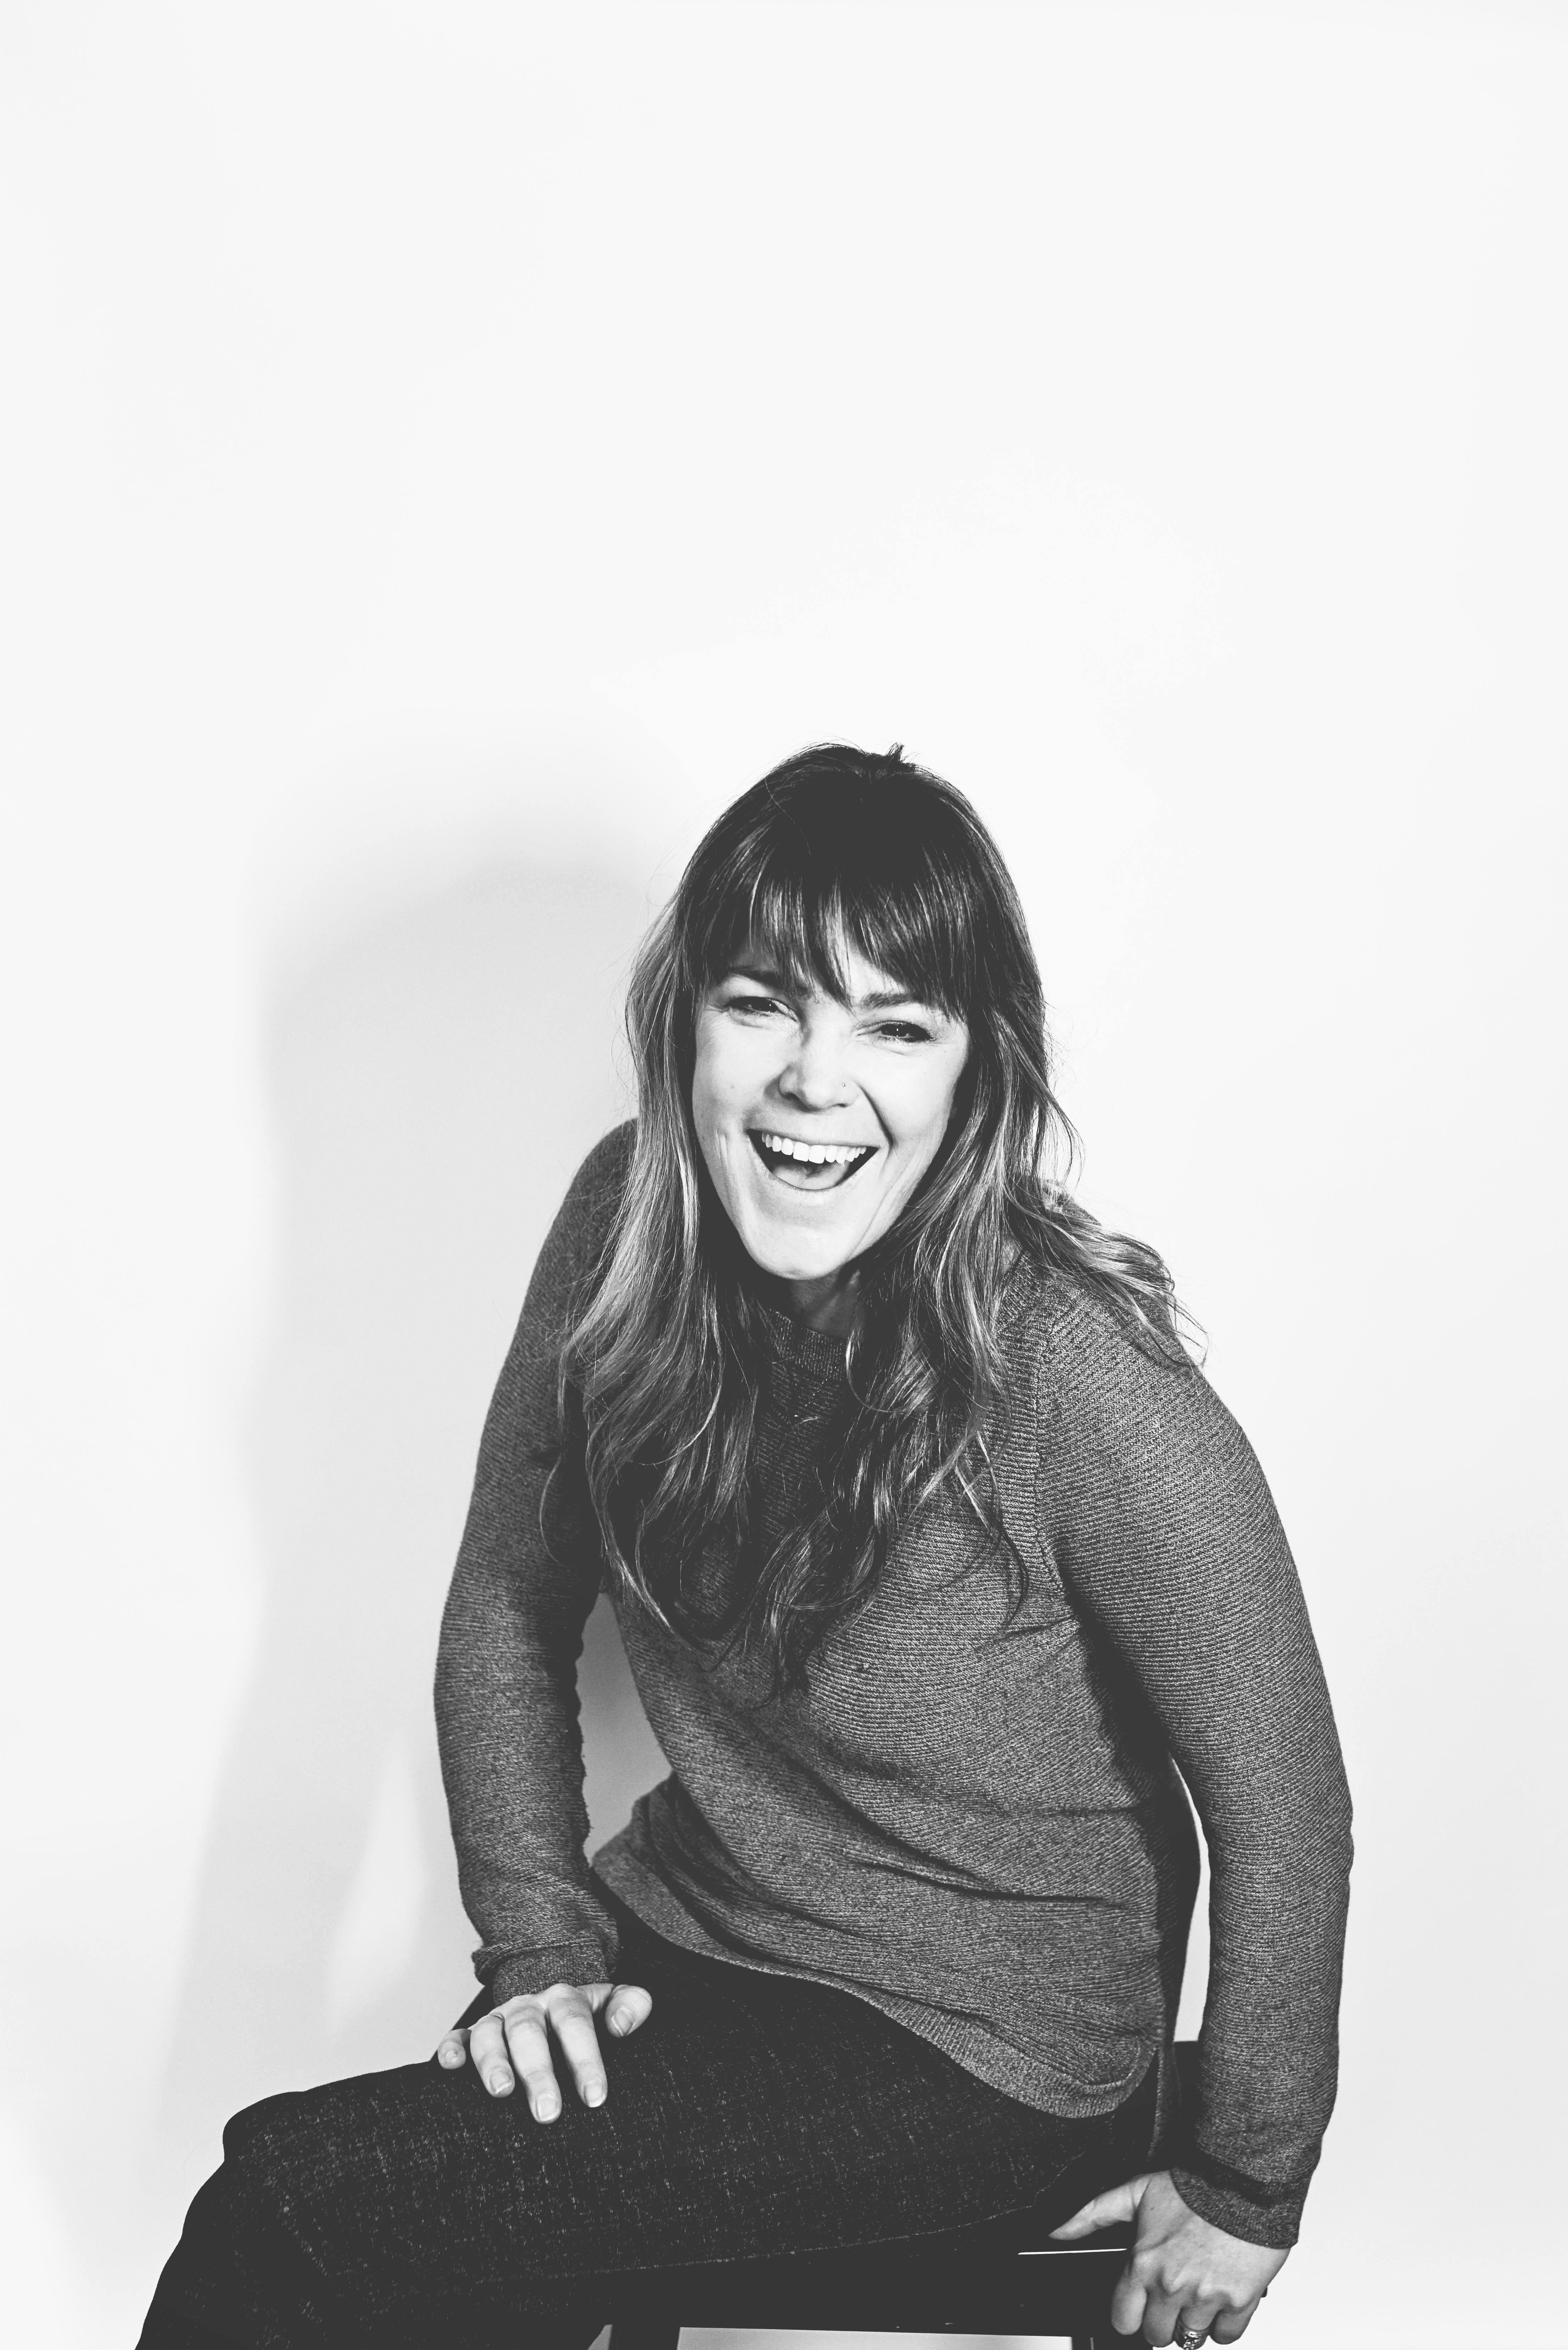 Shellie - Lead Photo & Cinema